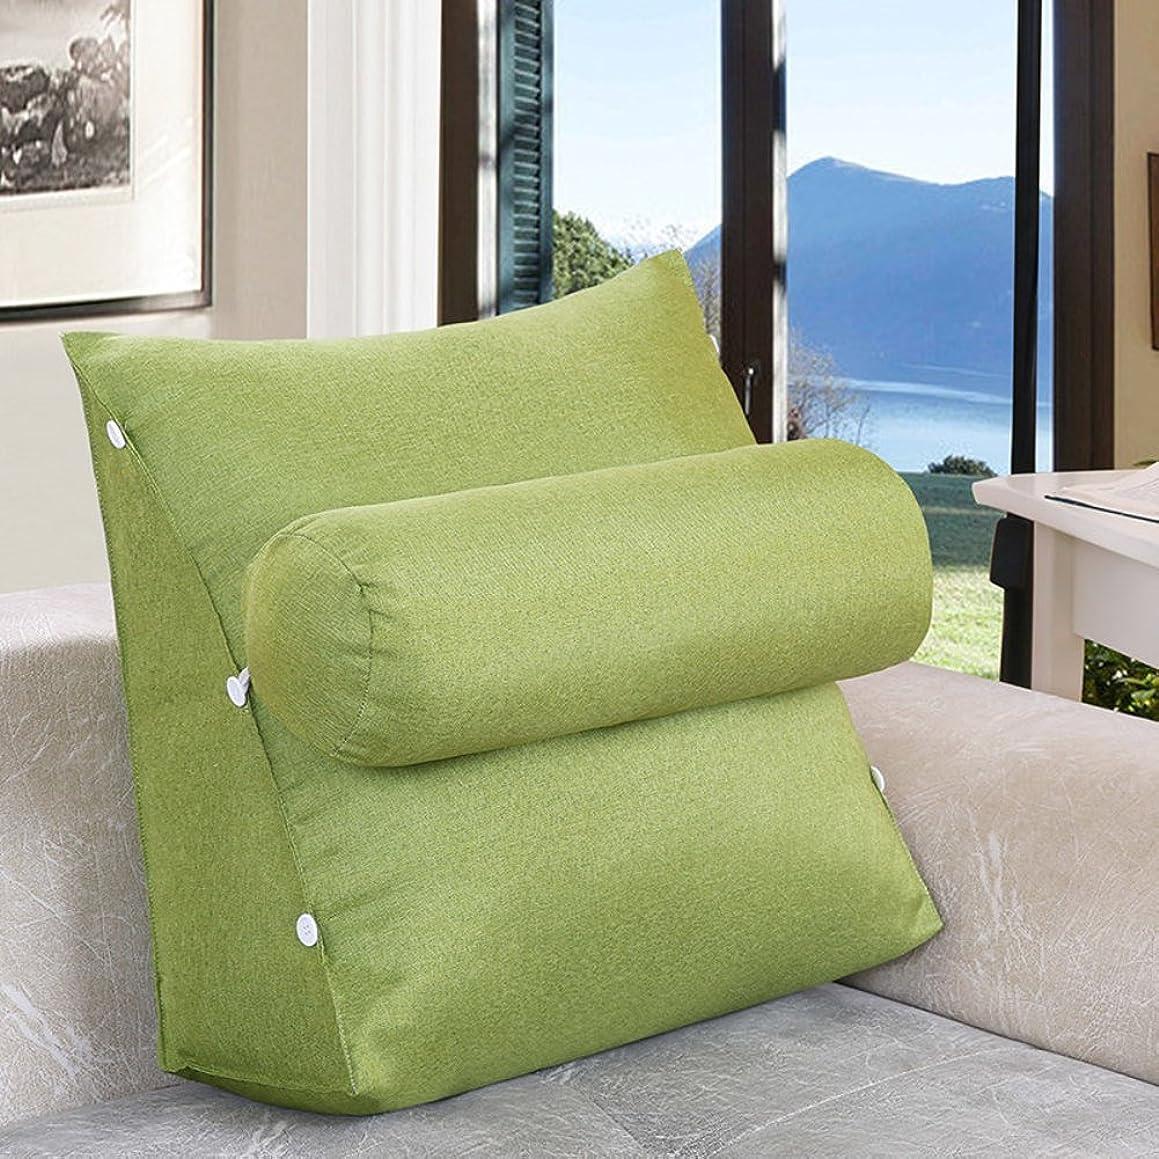 ギャング筋肉の触手JIANHEADS ベッドサイド三角ウェッジ、取り外し可能なウエストバッククッションオフィスバッククッションソファ枕 (Color : Q, サイズ : 60x22x50cm(24x20x9inch))